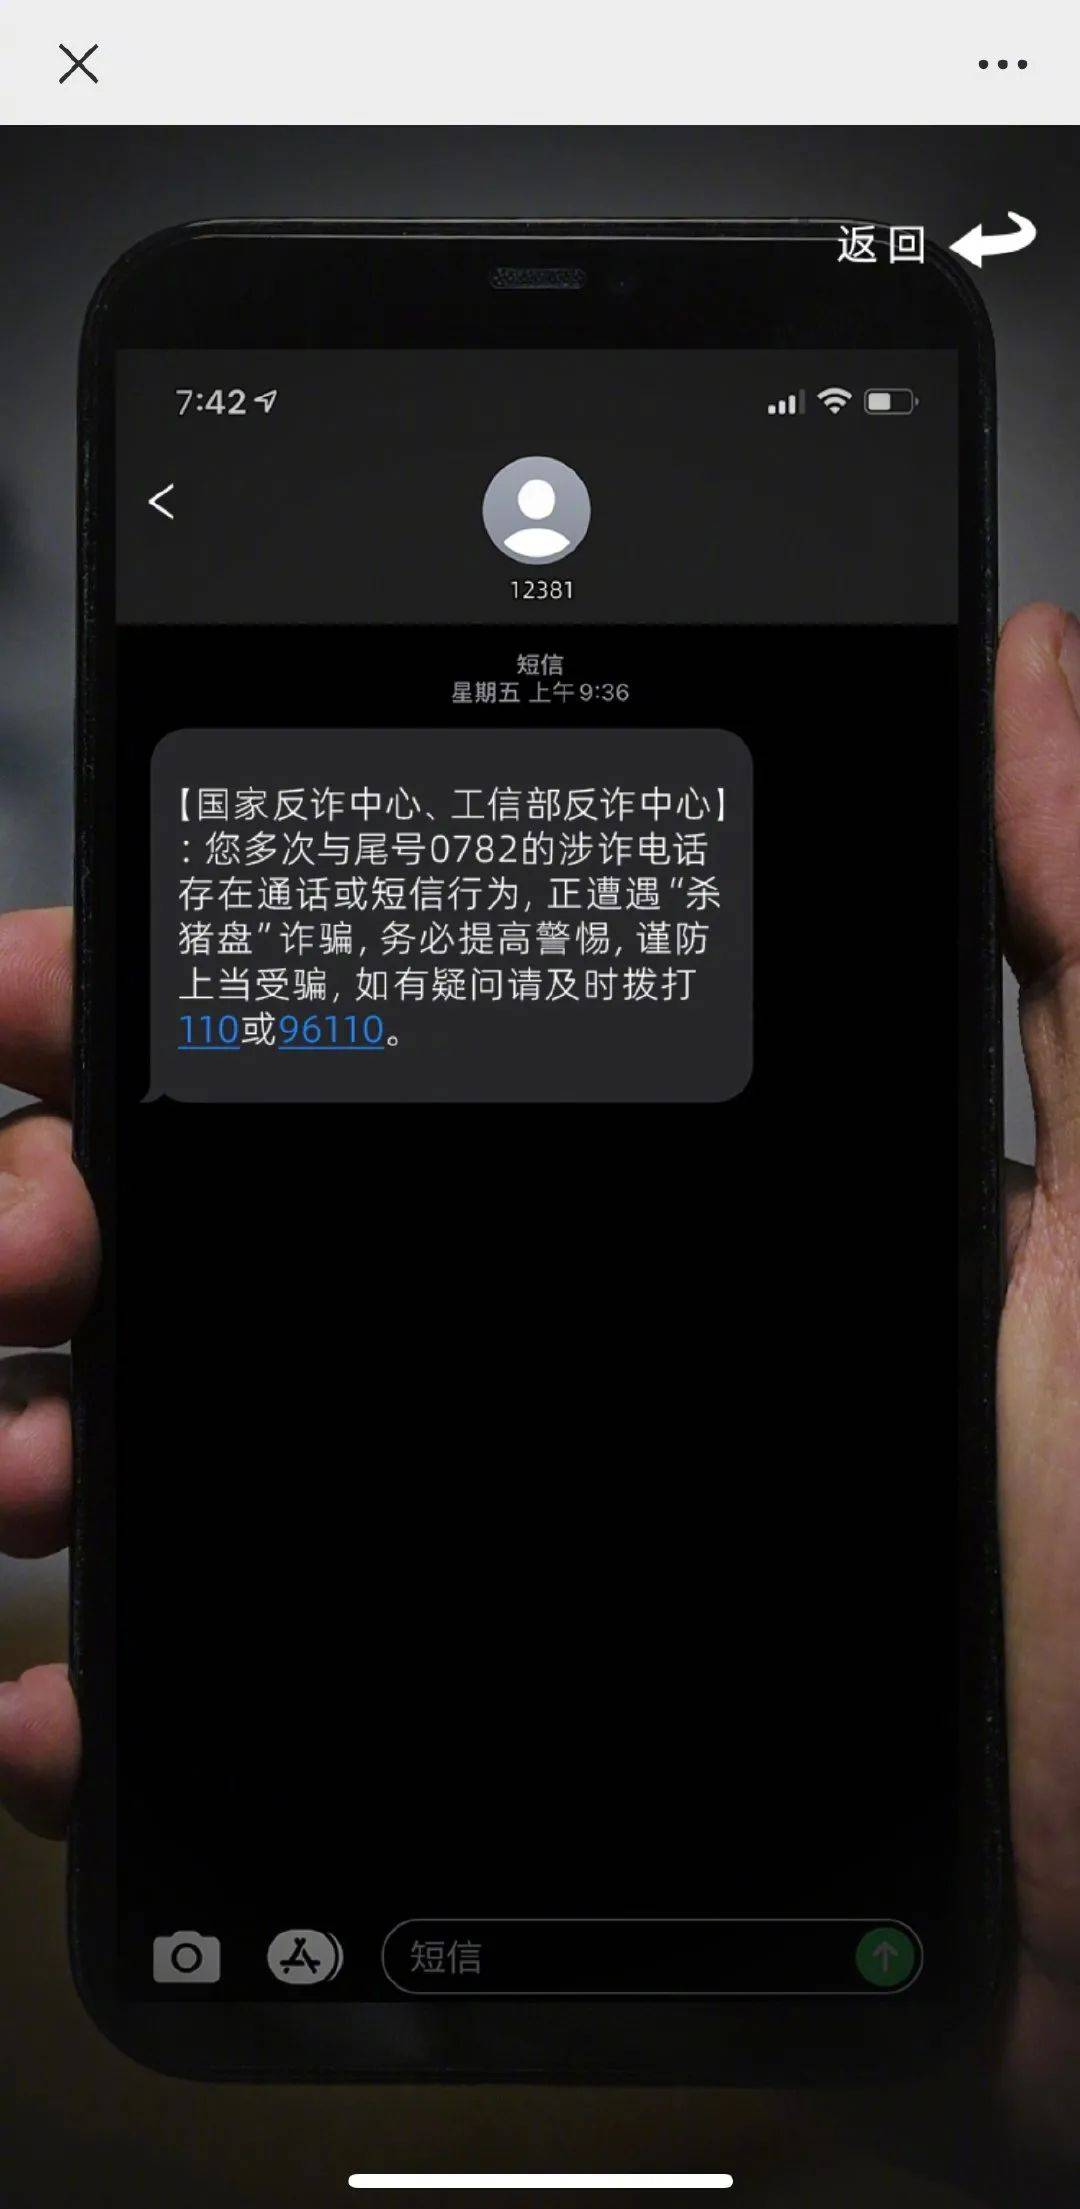 20868327866152accf54e5e1.25497599 - 公安的反诈骗宣传,杀疯了!